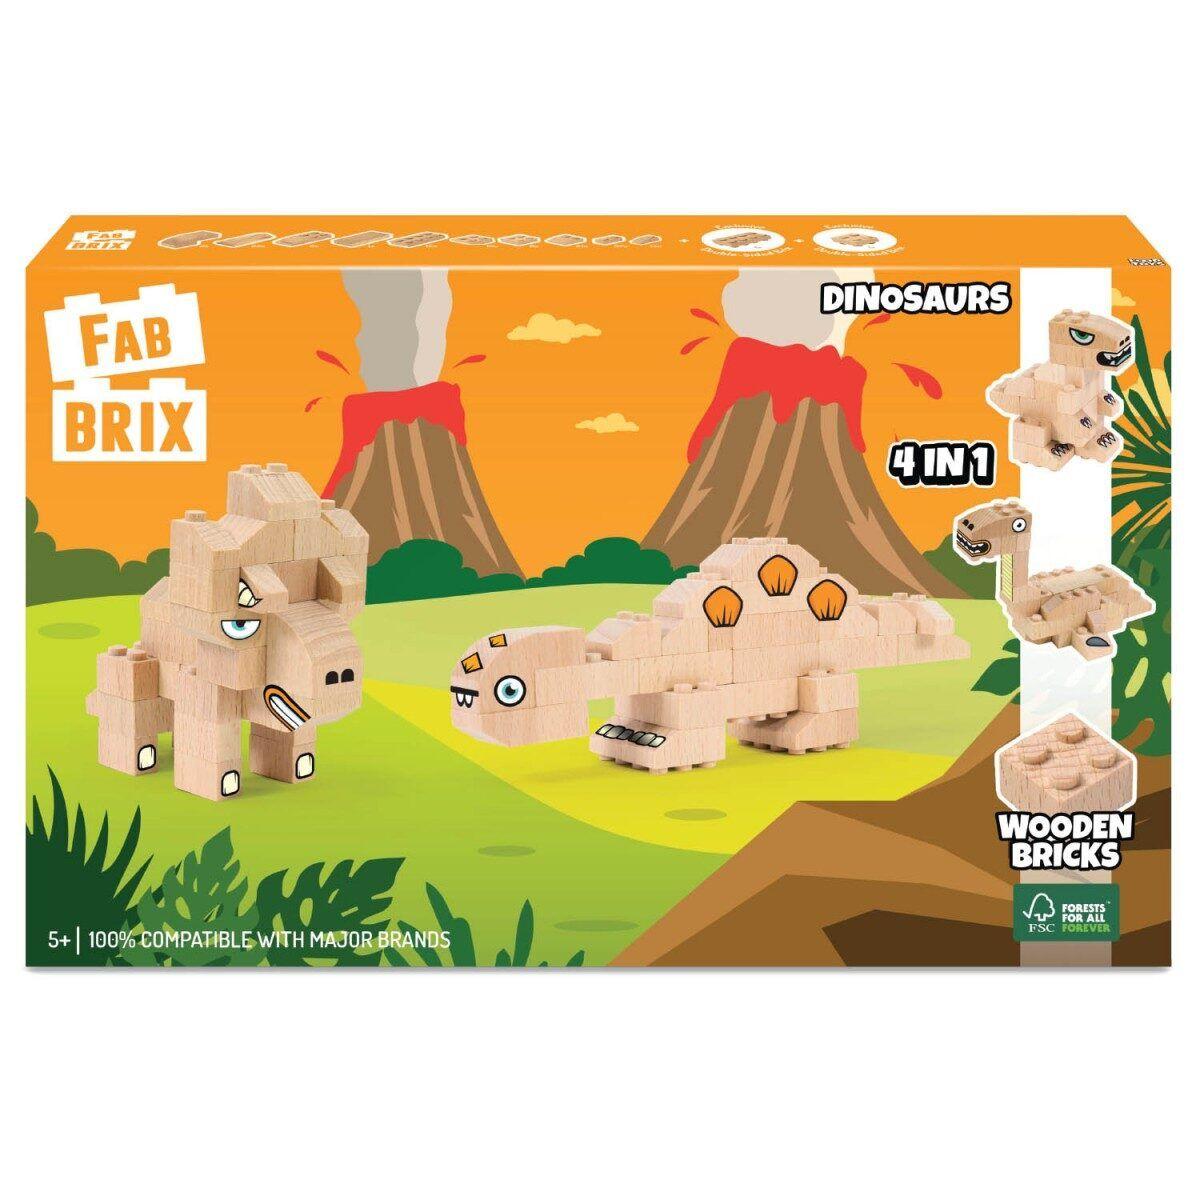 Конструктор FabBRIX JG 1817 Dinosaurs  (Динозаври)